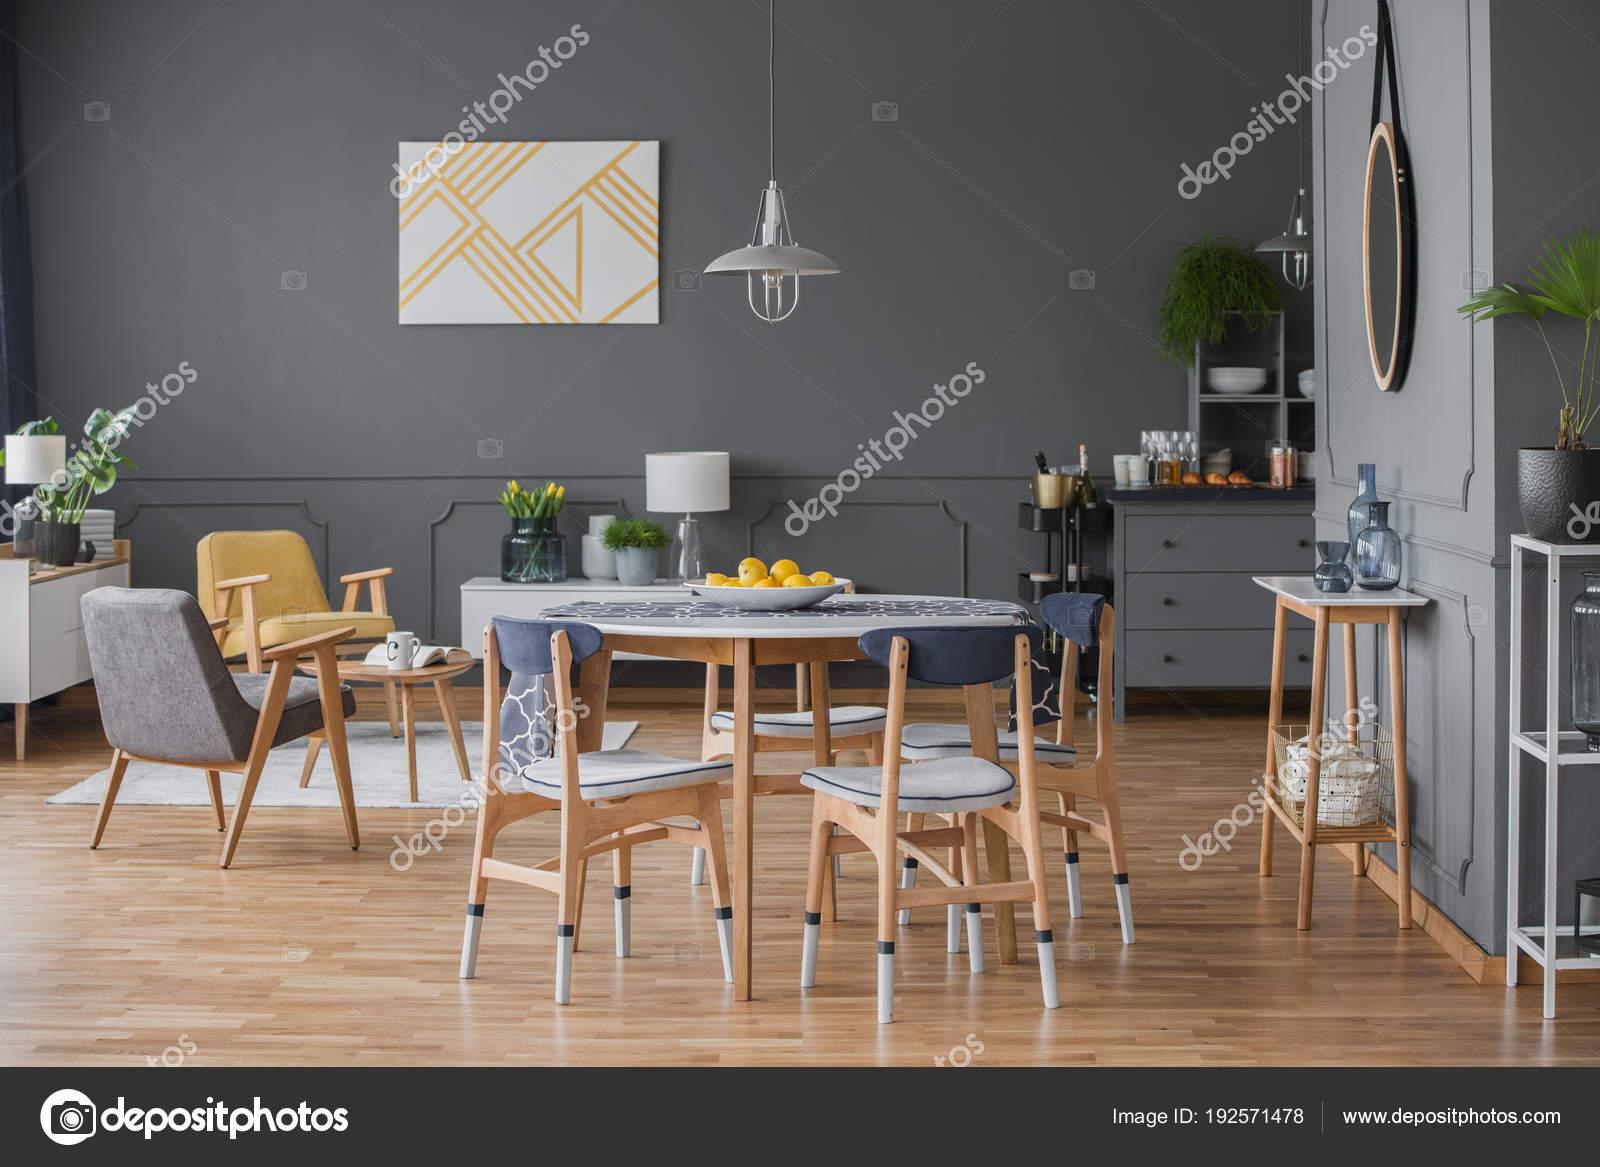 Mesa de comedor diseño de espacio interior — Fotos de Stock ...